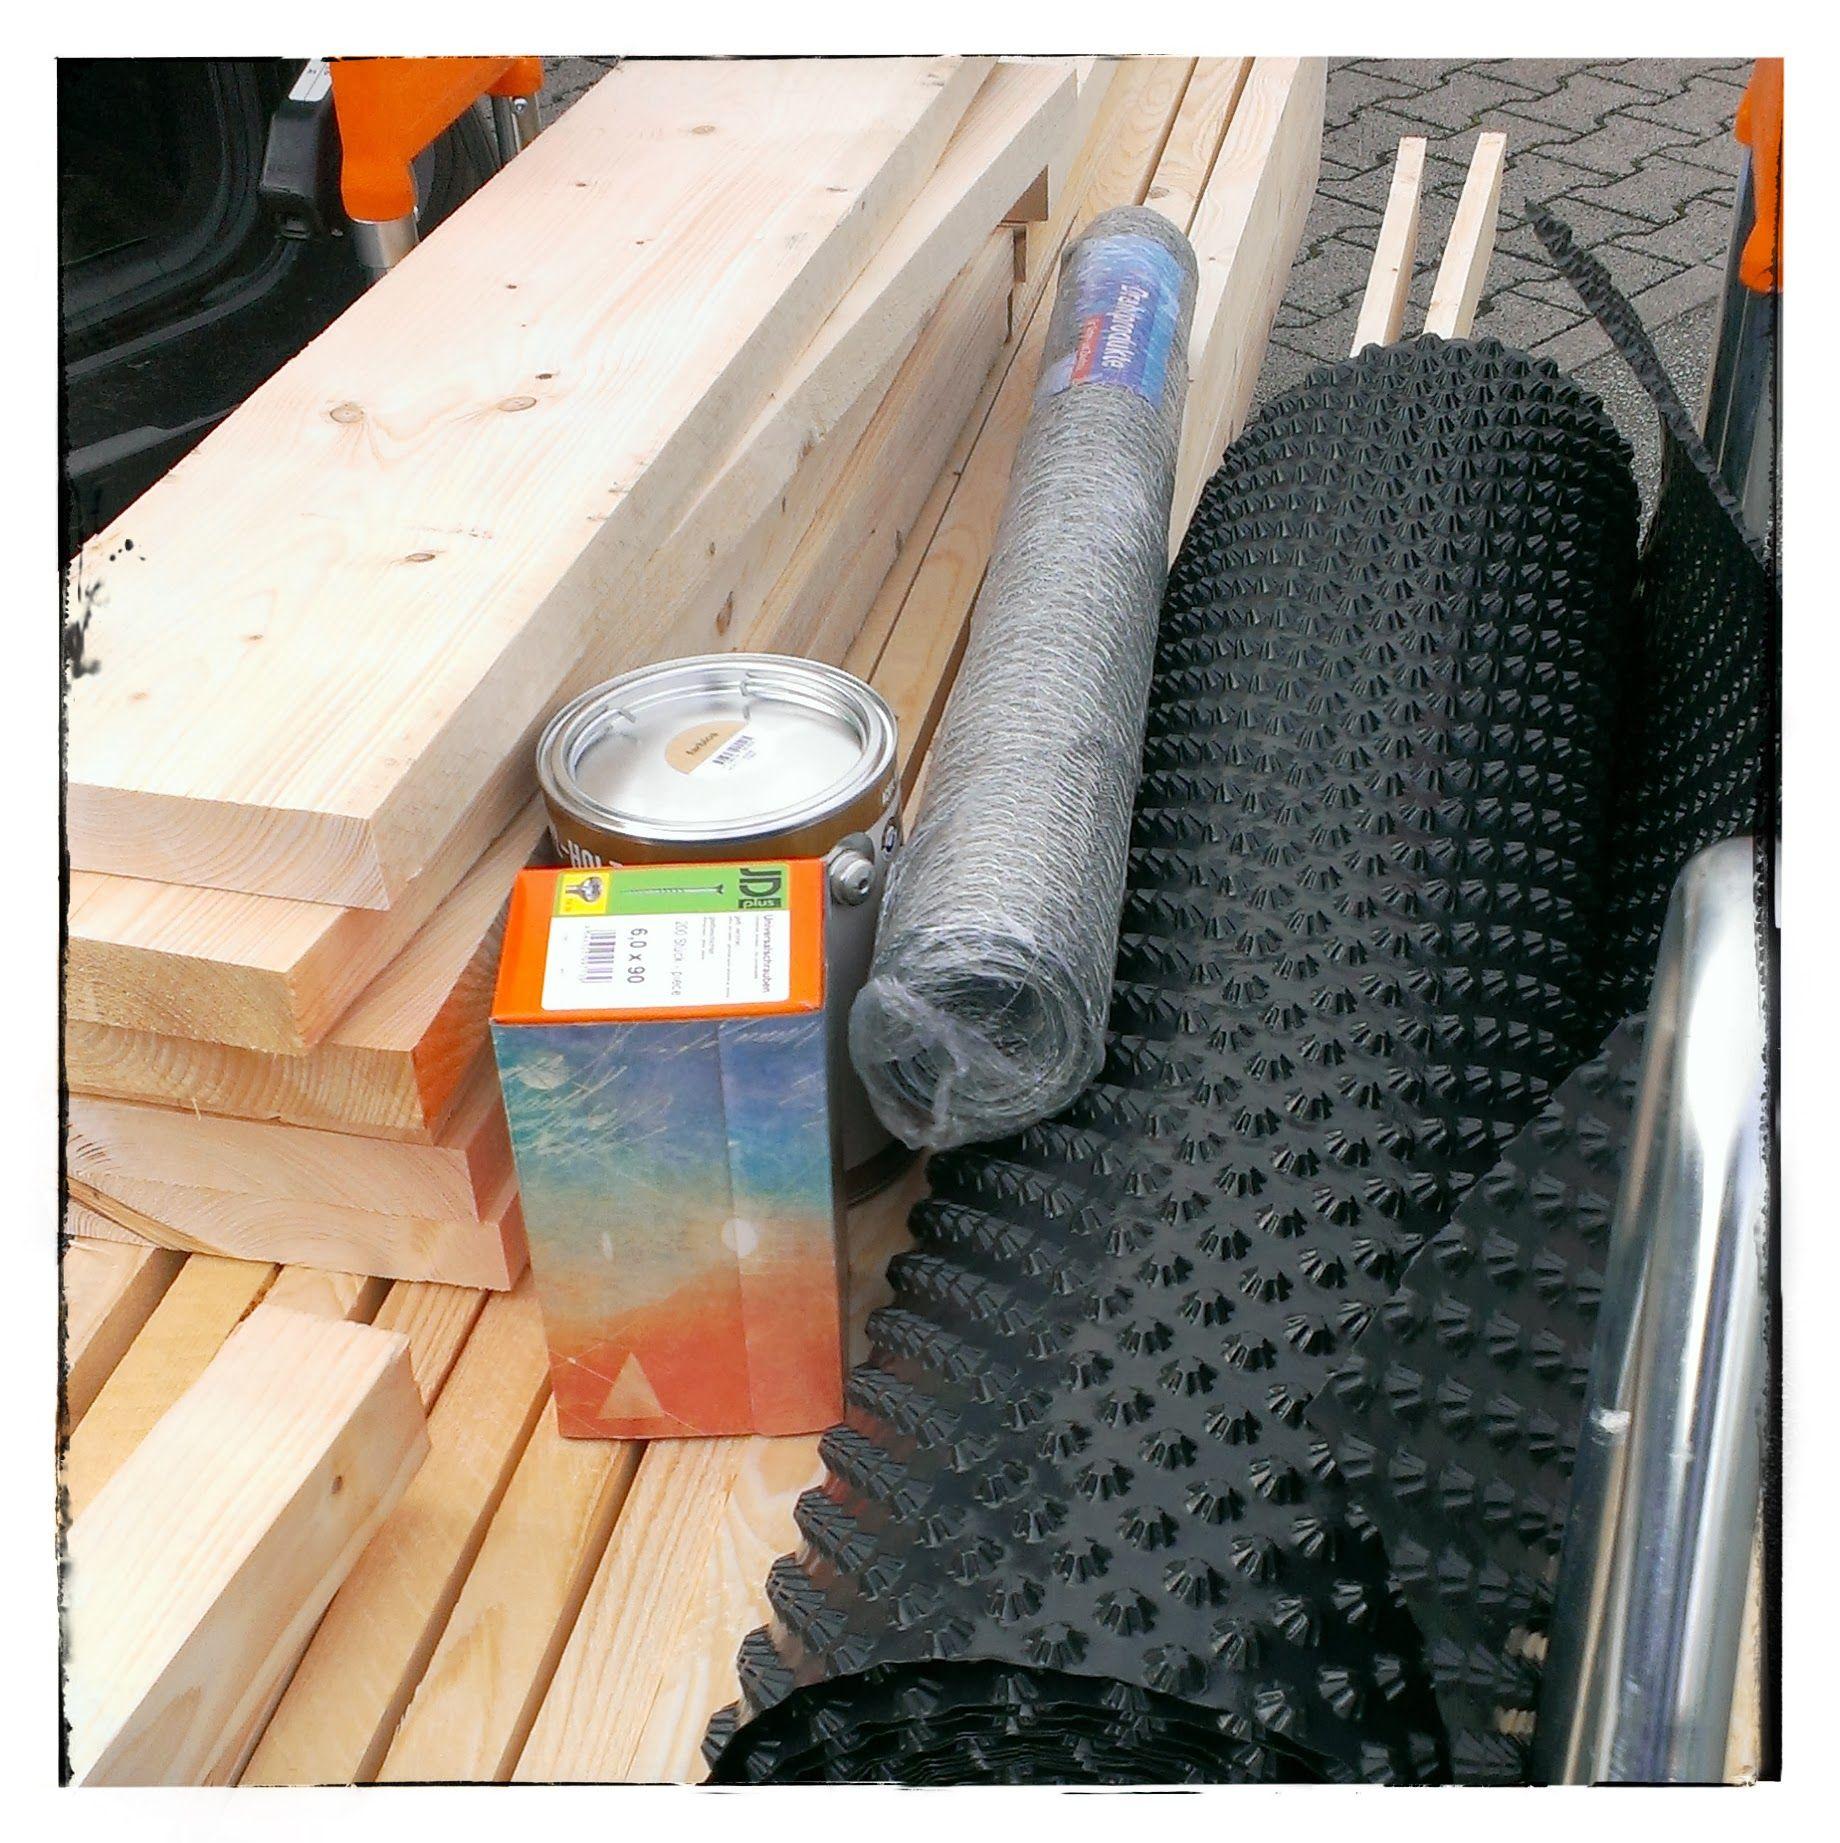 hochbeet selber bauen materialliste hochbeete hochbeet selber bauen garten und hochbeet. Black Bedroom Furniture Sets. Home Design Ideas